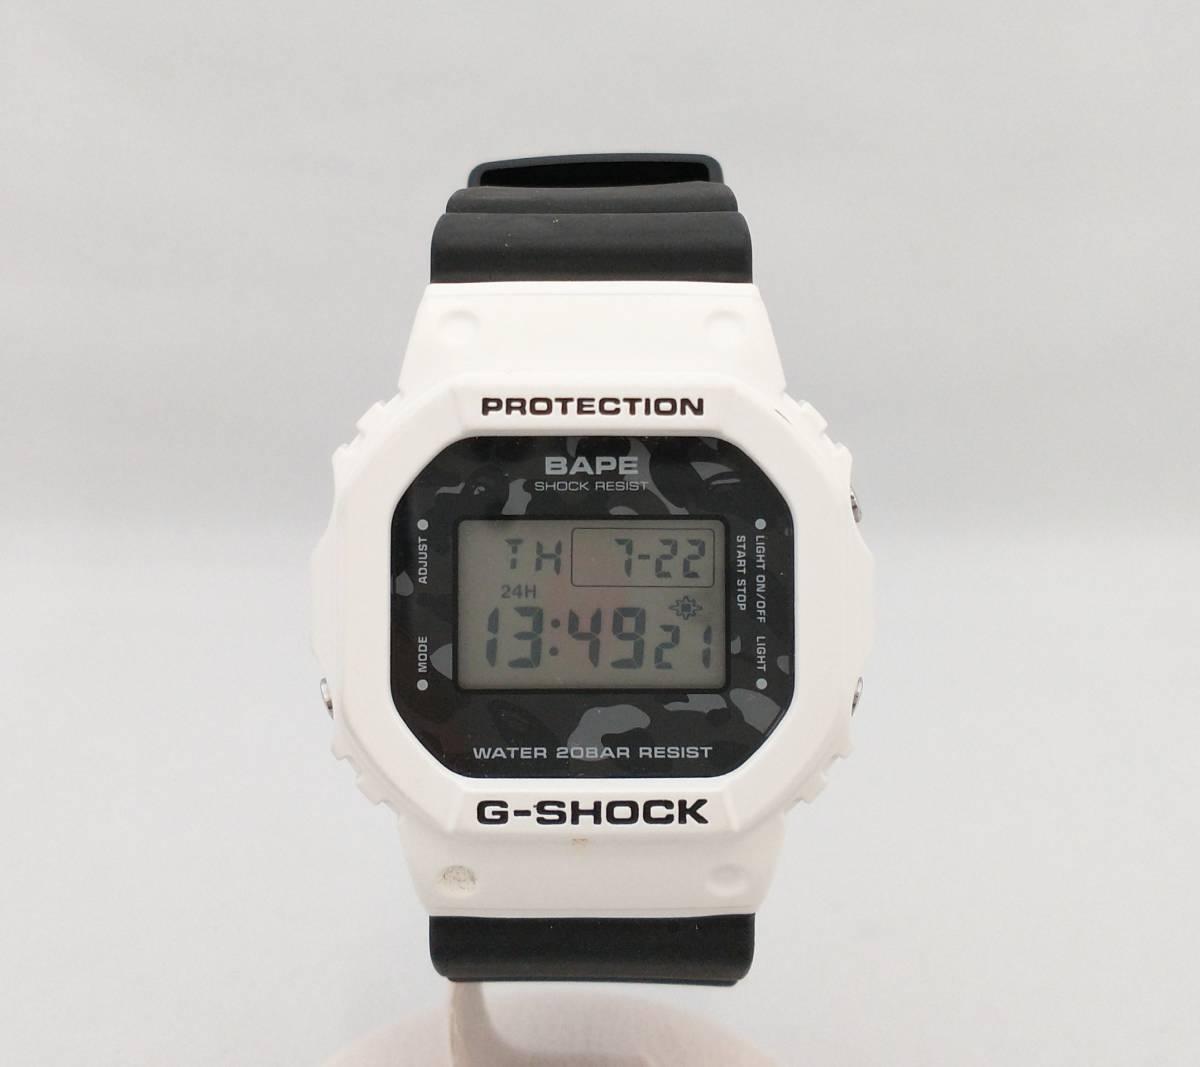 【箱付】CASIO カシオ G-SHOCK BAPEコラボモデル DW-5600VT 1000本限定 0449/1000 クォーツ デジタル ラバー 白×黒 腕時計